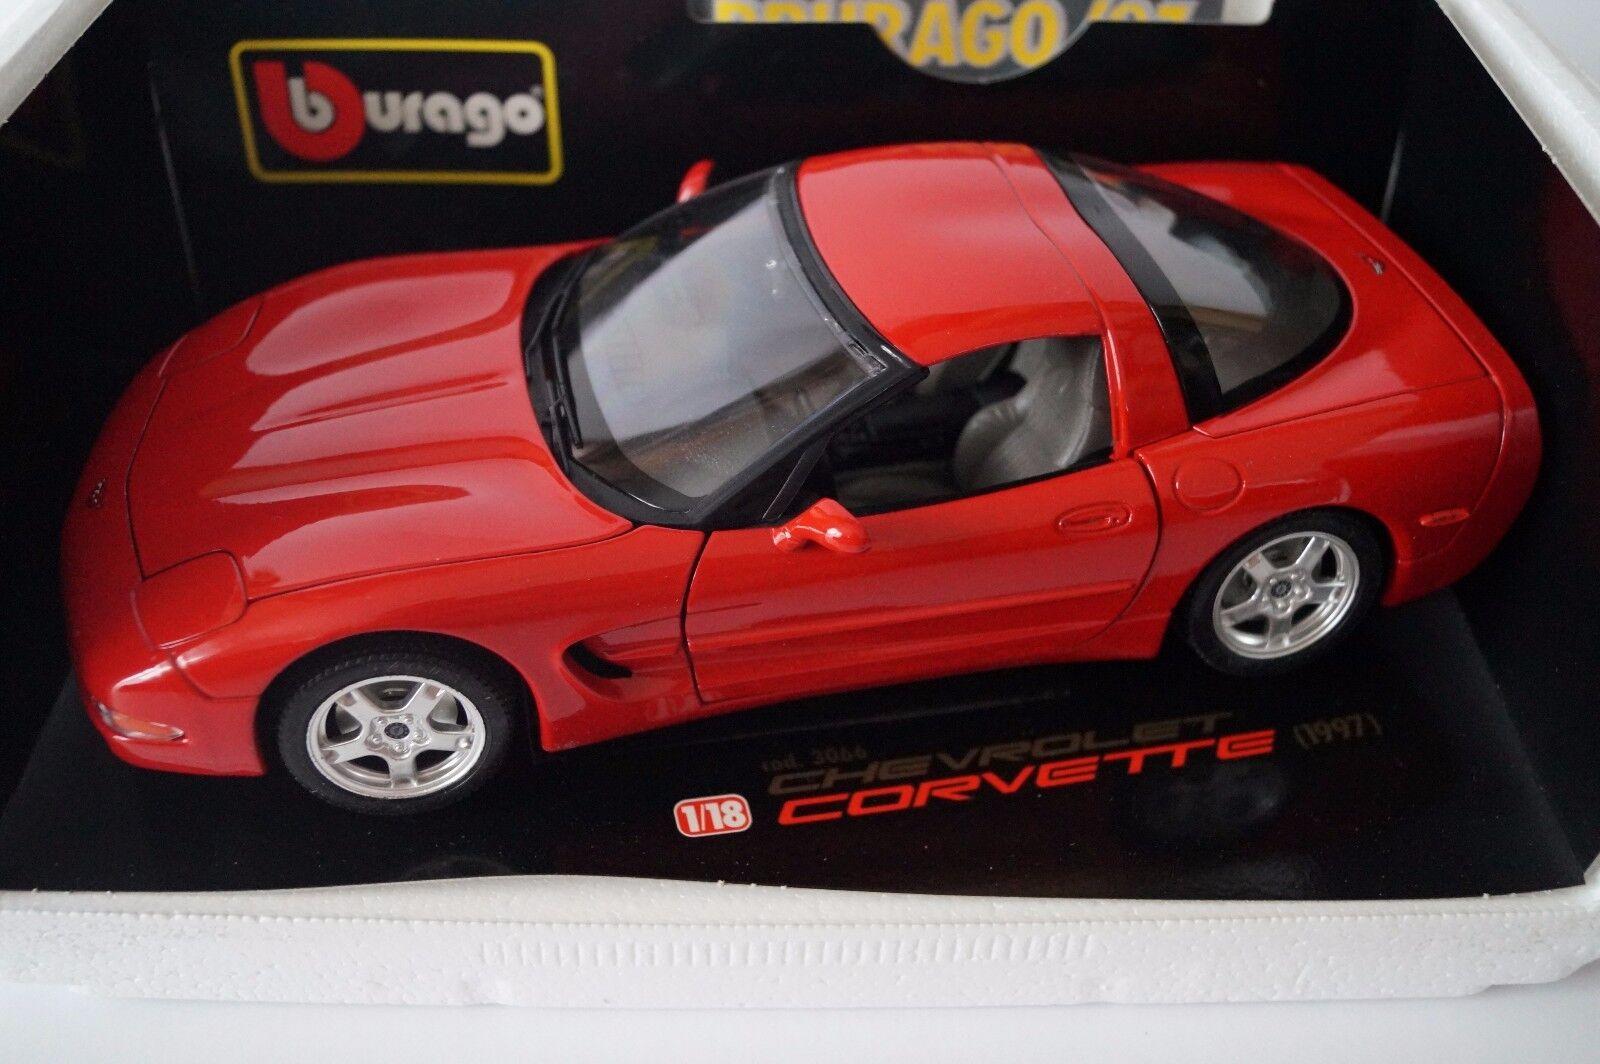 Bburago Burago Modellauto 1 18 Chevrolet Corvette 1997 Cod. 3066 in OVP    Spielzeugwelt, glücklich und grenzenlos